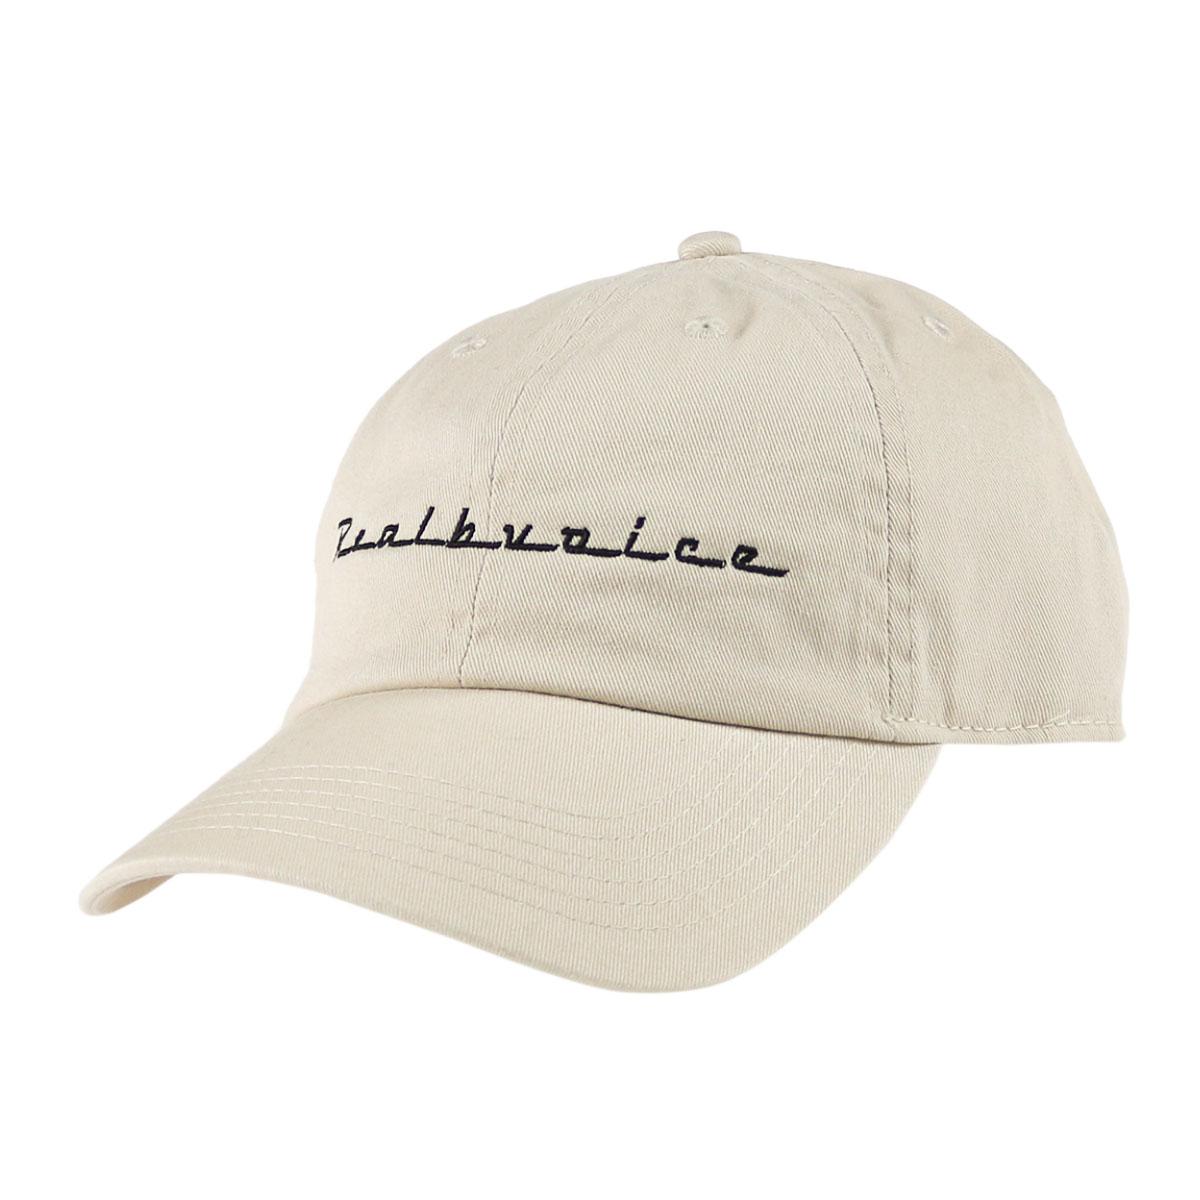 CURSIVE WASH CAP